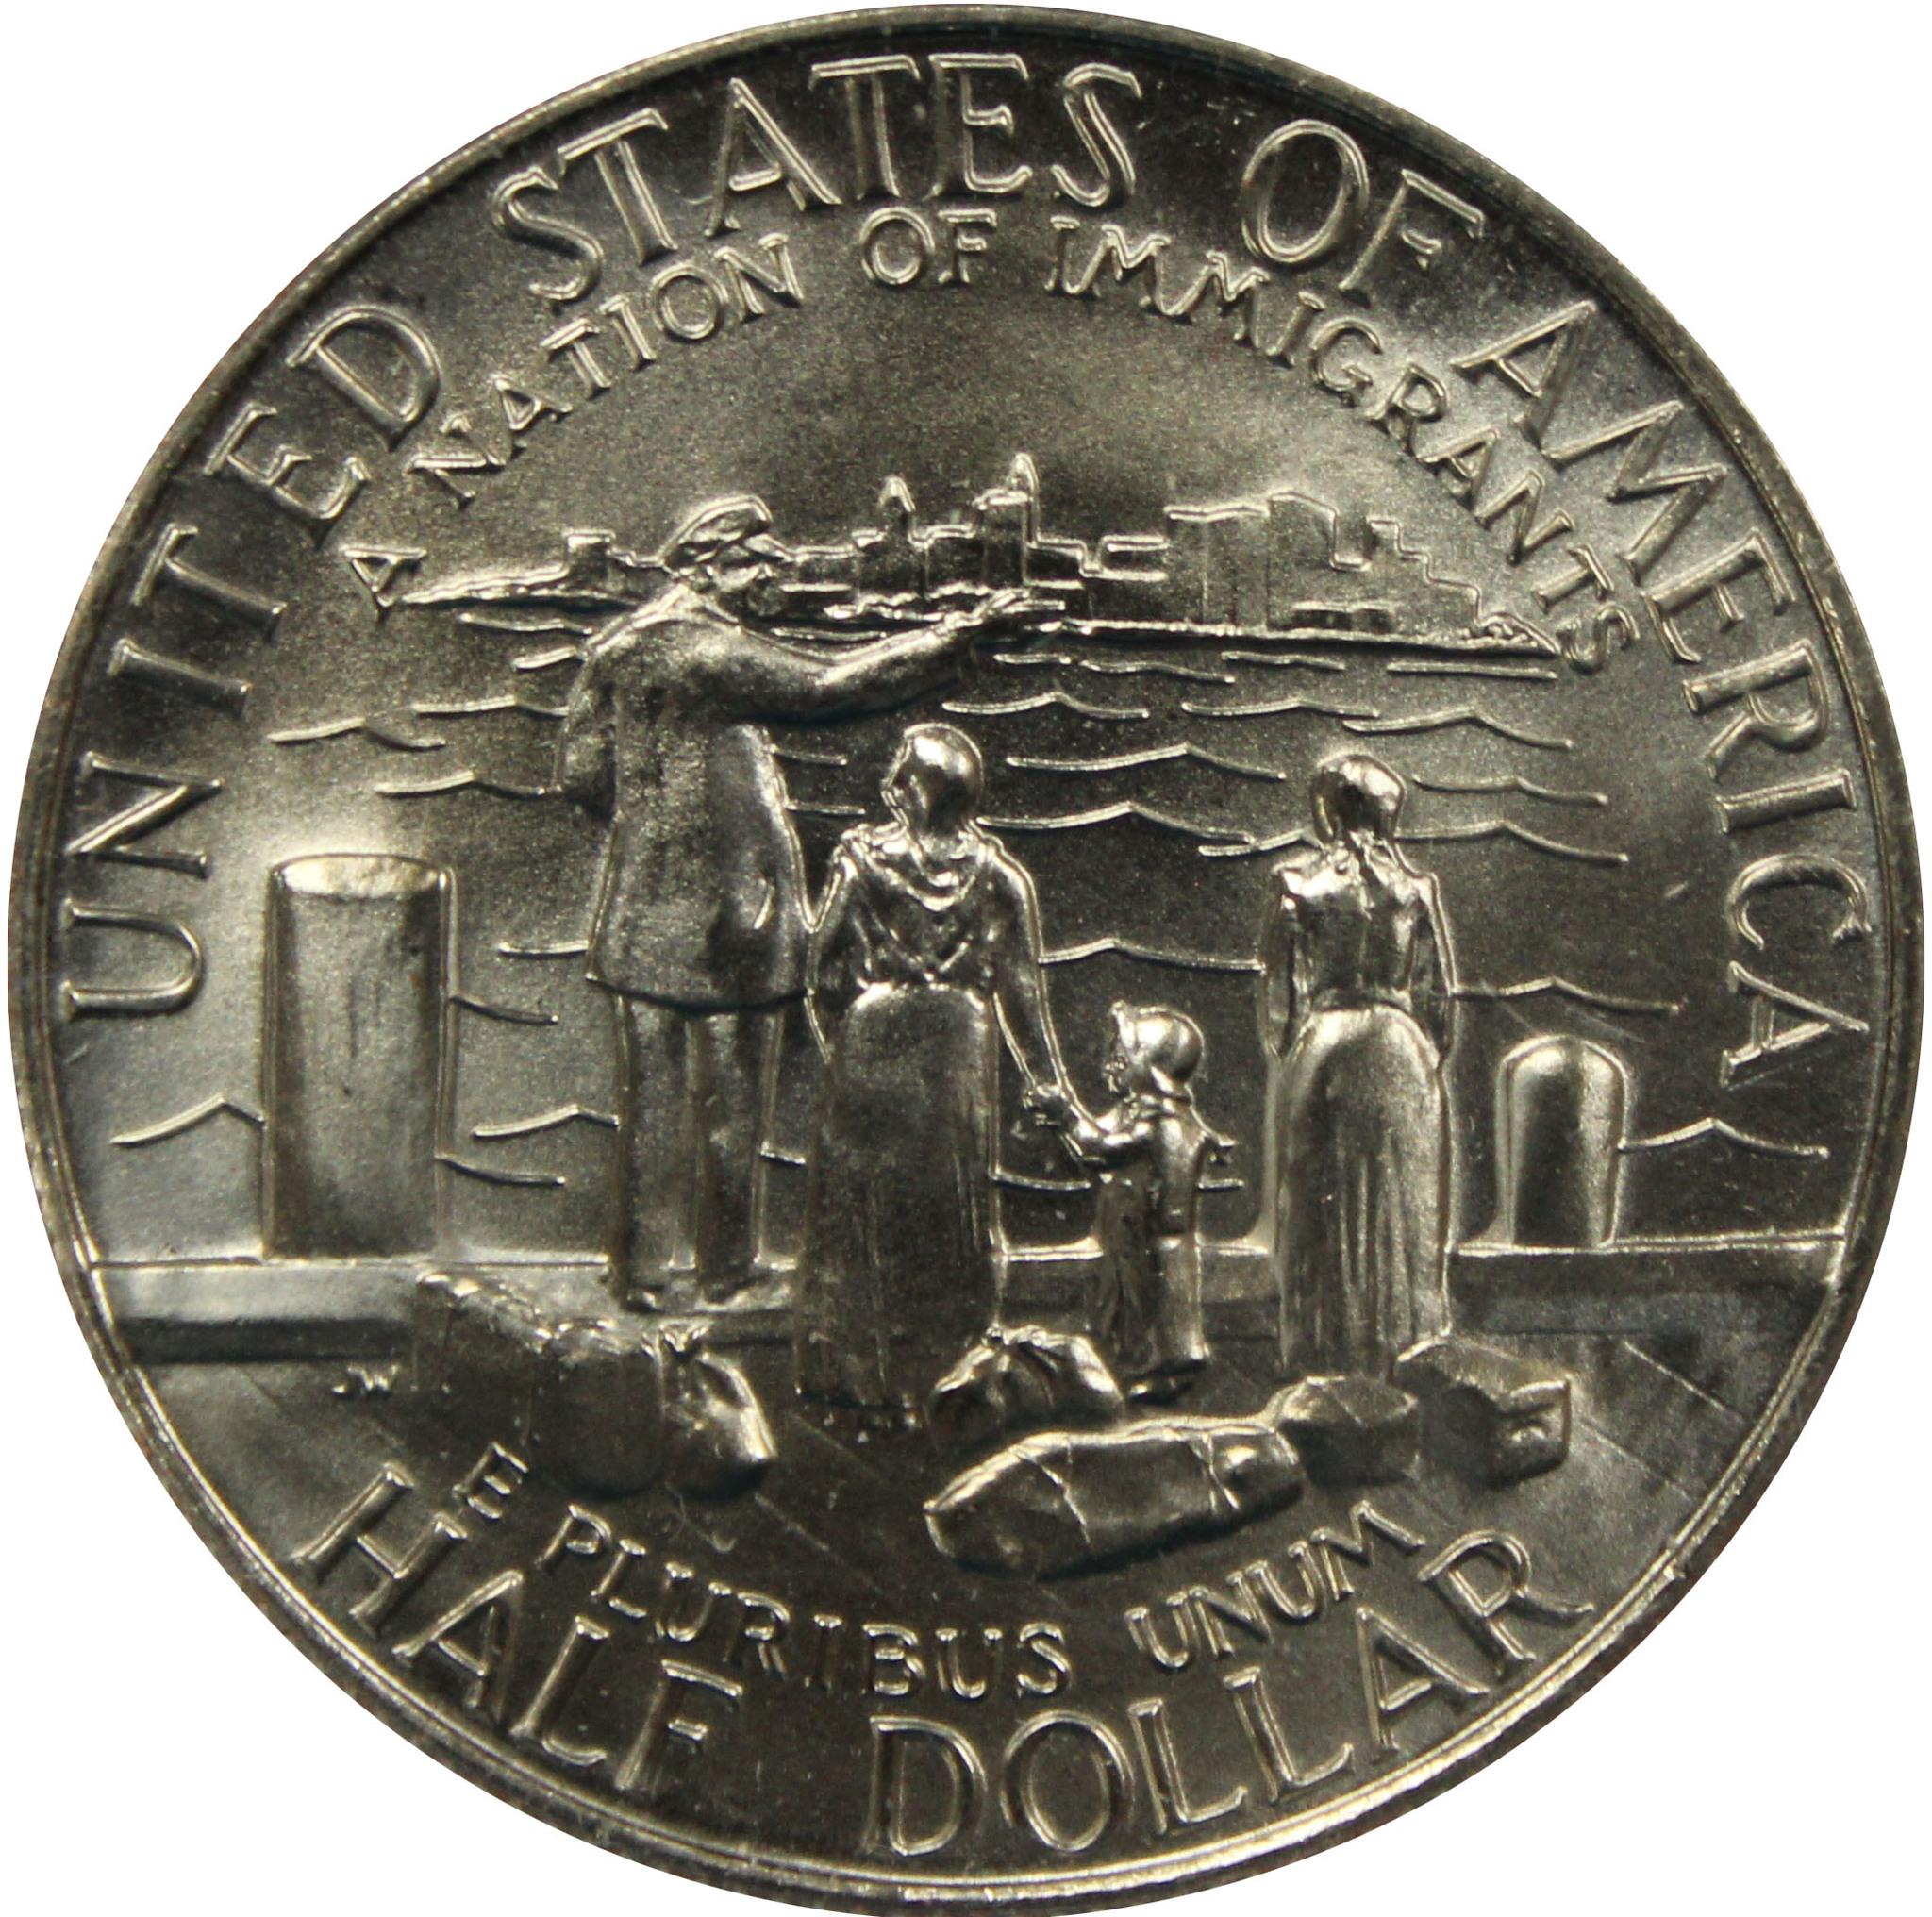 1/2 доллар 1986 (D). США UNC (Нация иммигрантов). Медь с плакировкой